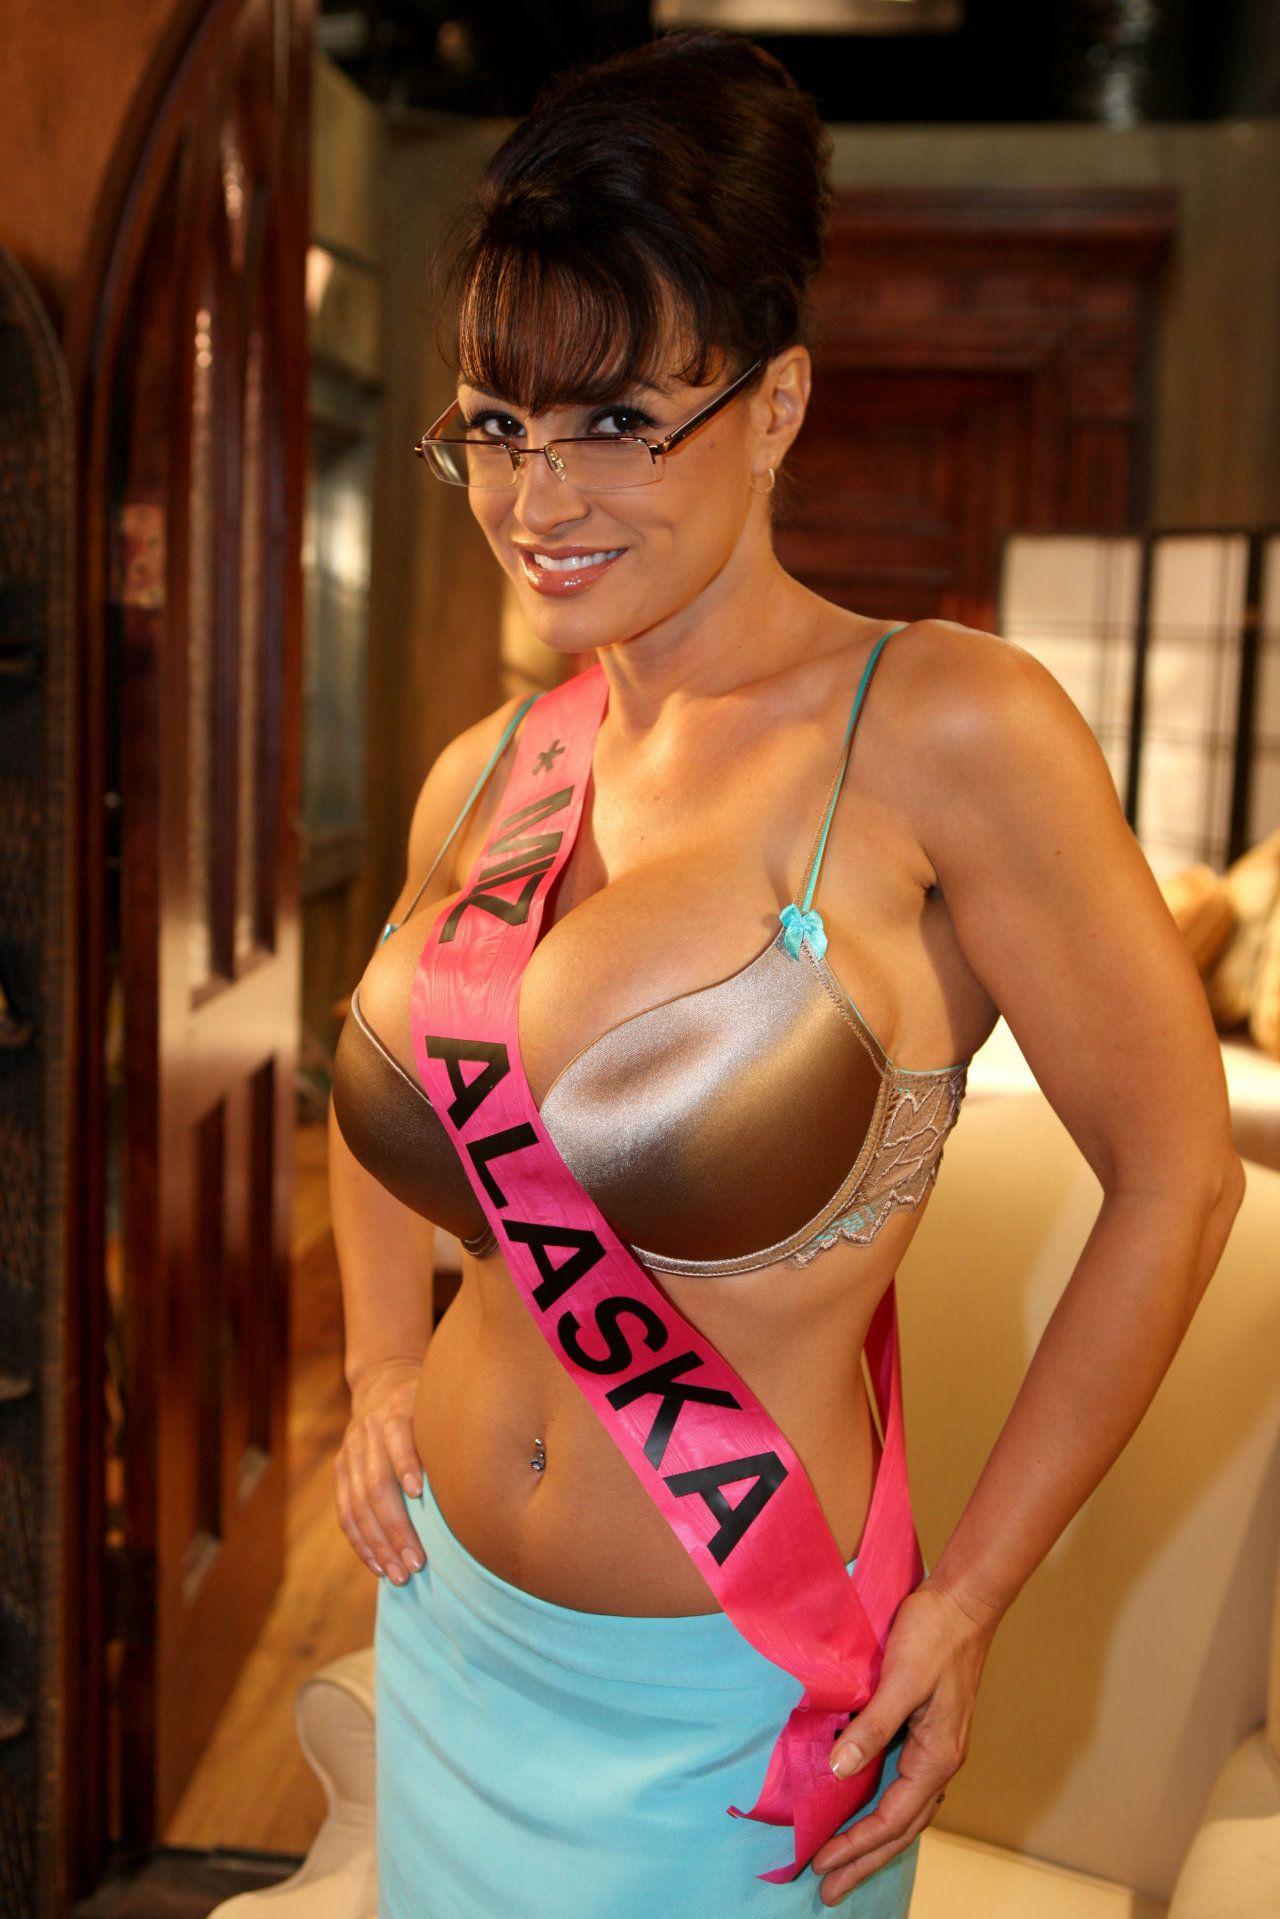 Sarah palin bikini pictures